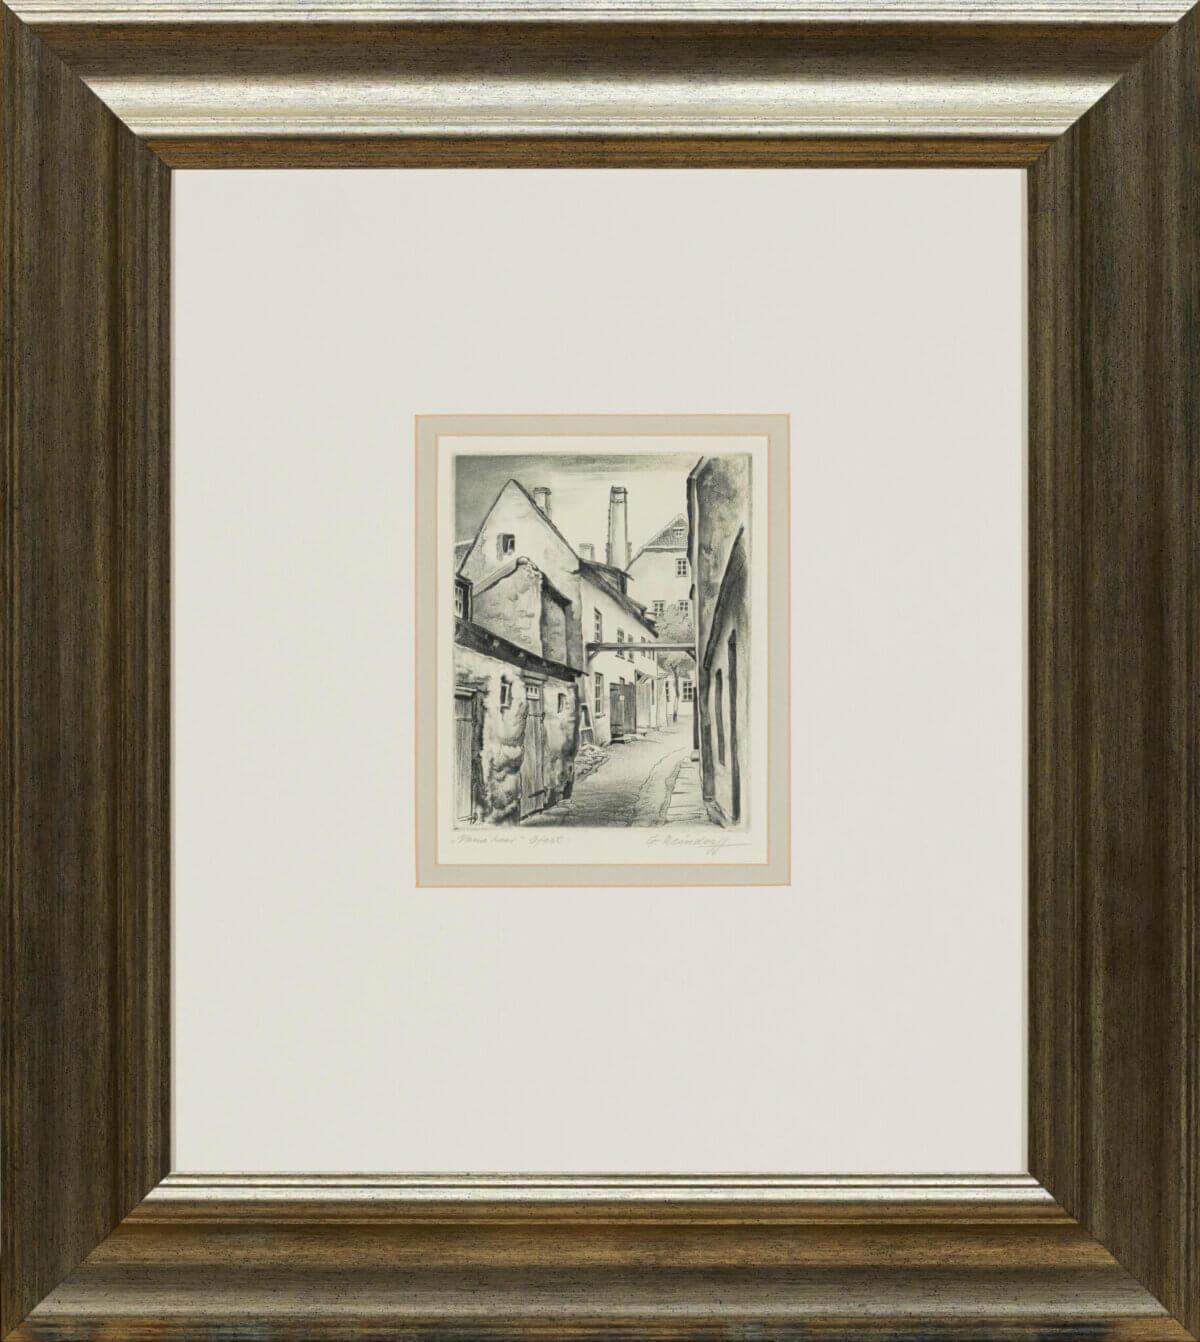 Günter-Reindorff-Vana-hoov-Allee-galerii-kunstioksjon